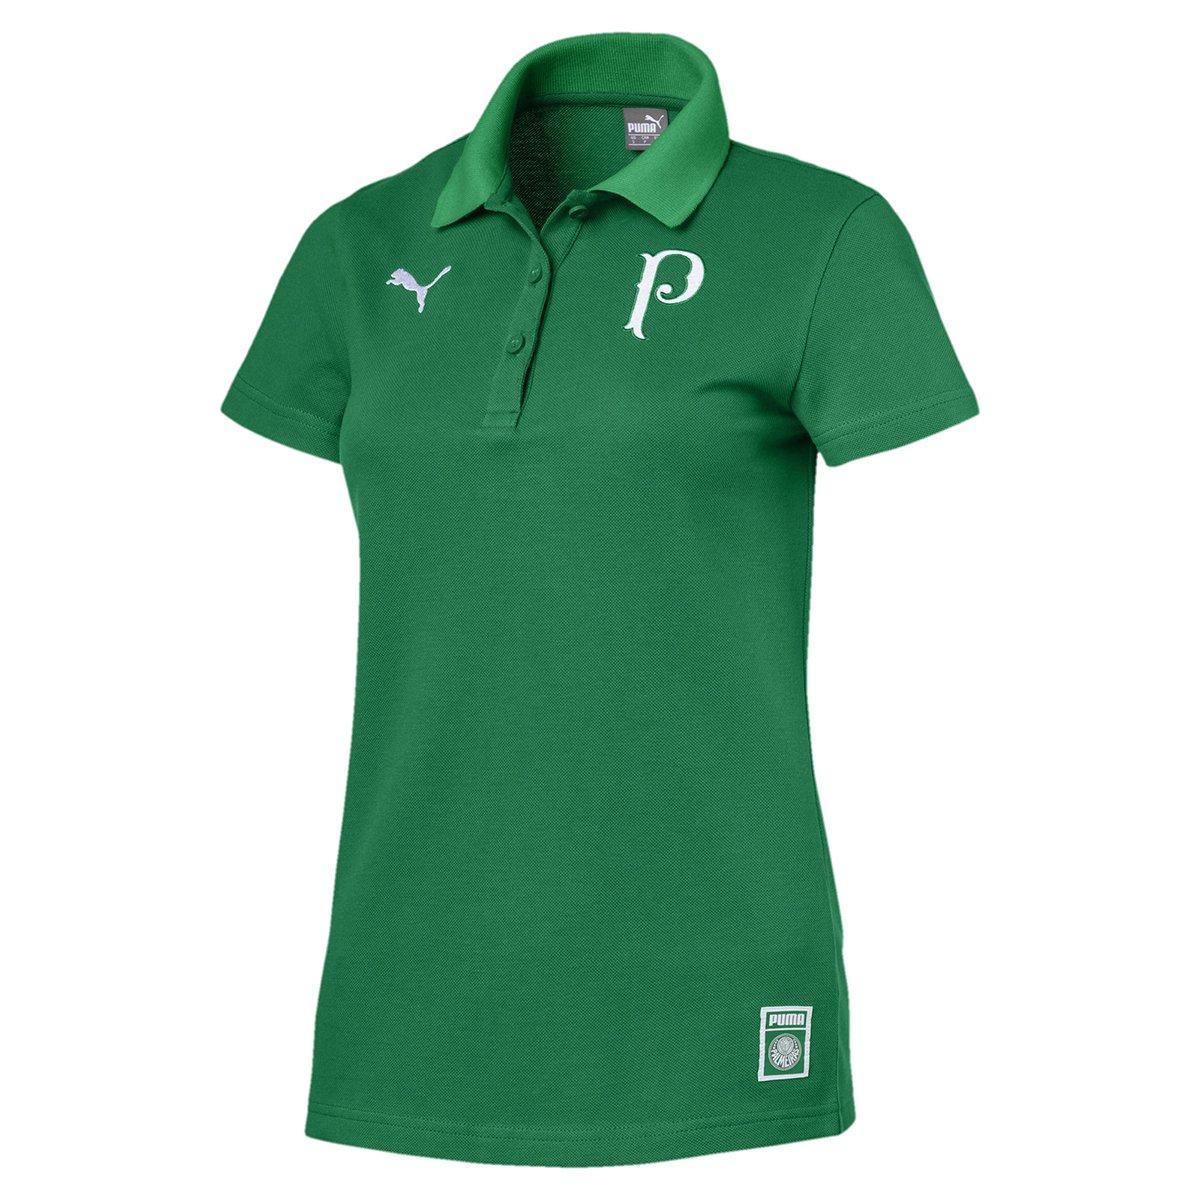 cc71466d3374a Camisa Polo Palmeiras 19 20 Puma Feminina - Verde - Compre Agora ...